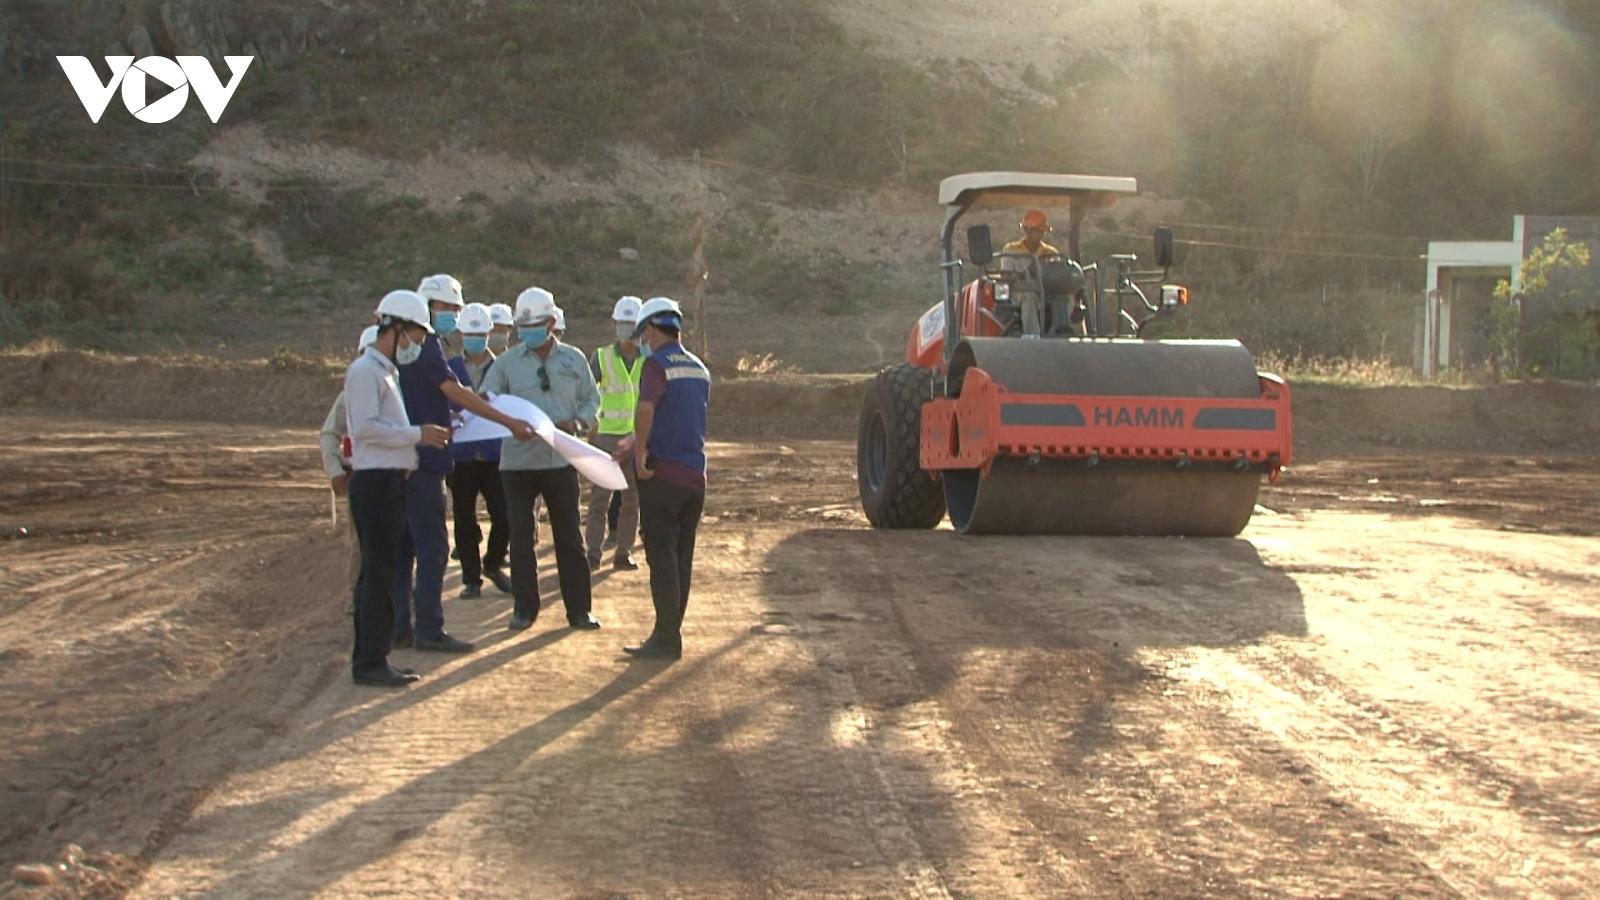 Mỏ đất, đá có ở khắp nơi, tại sao cao tốc Bắc-Nam lại thiếu vật liệu thi công?